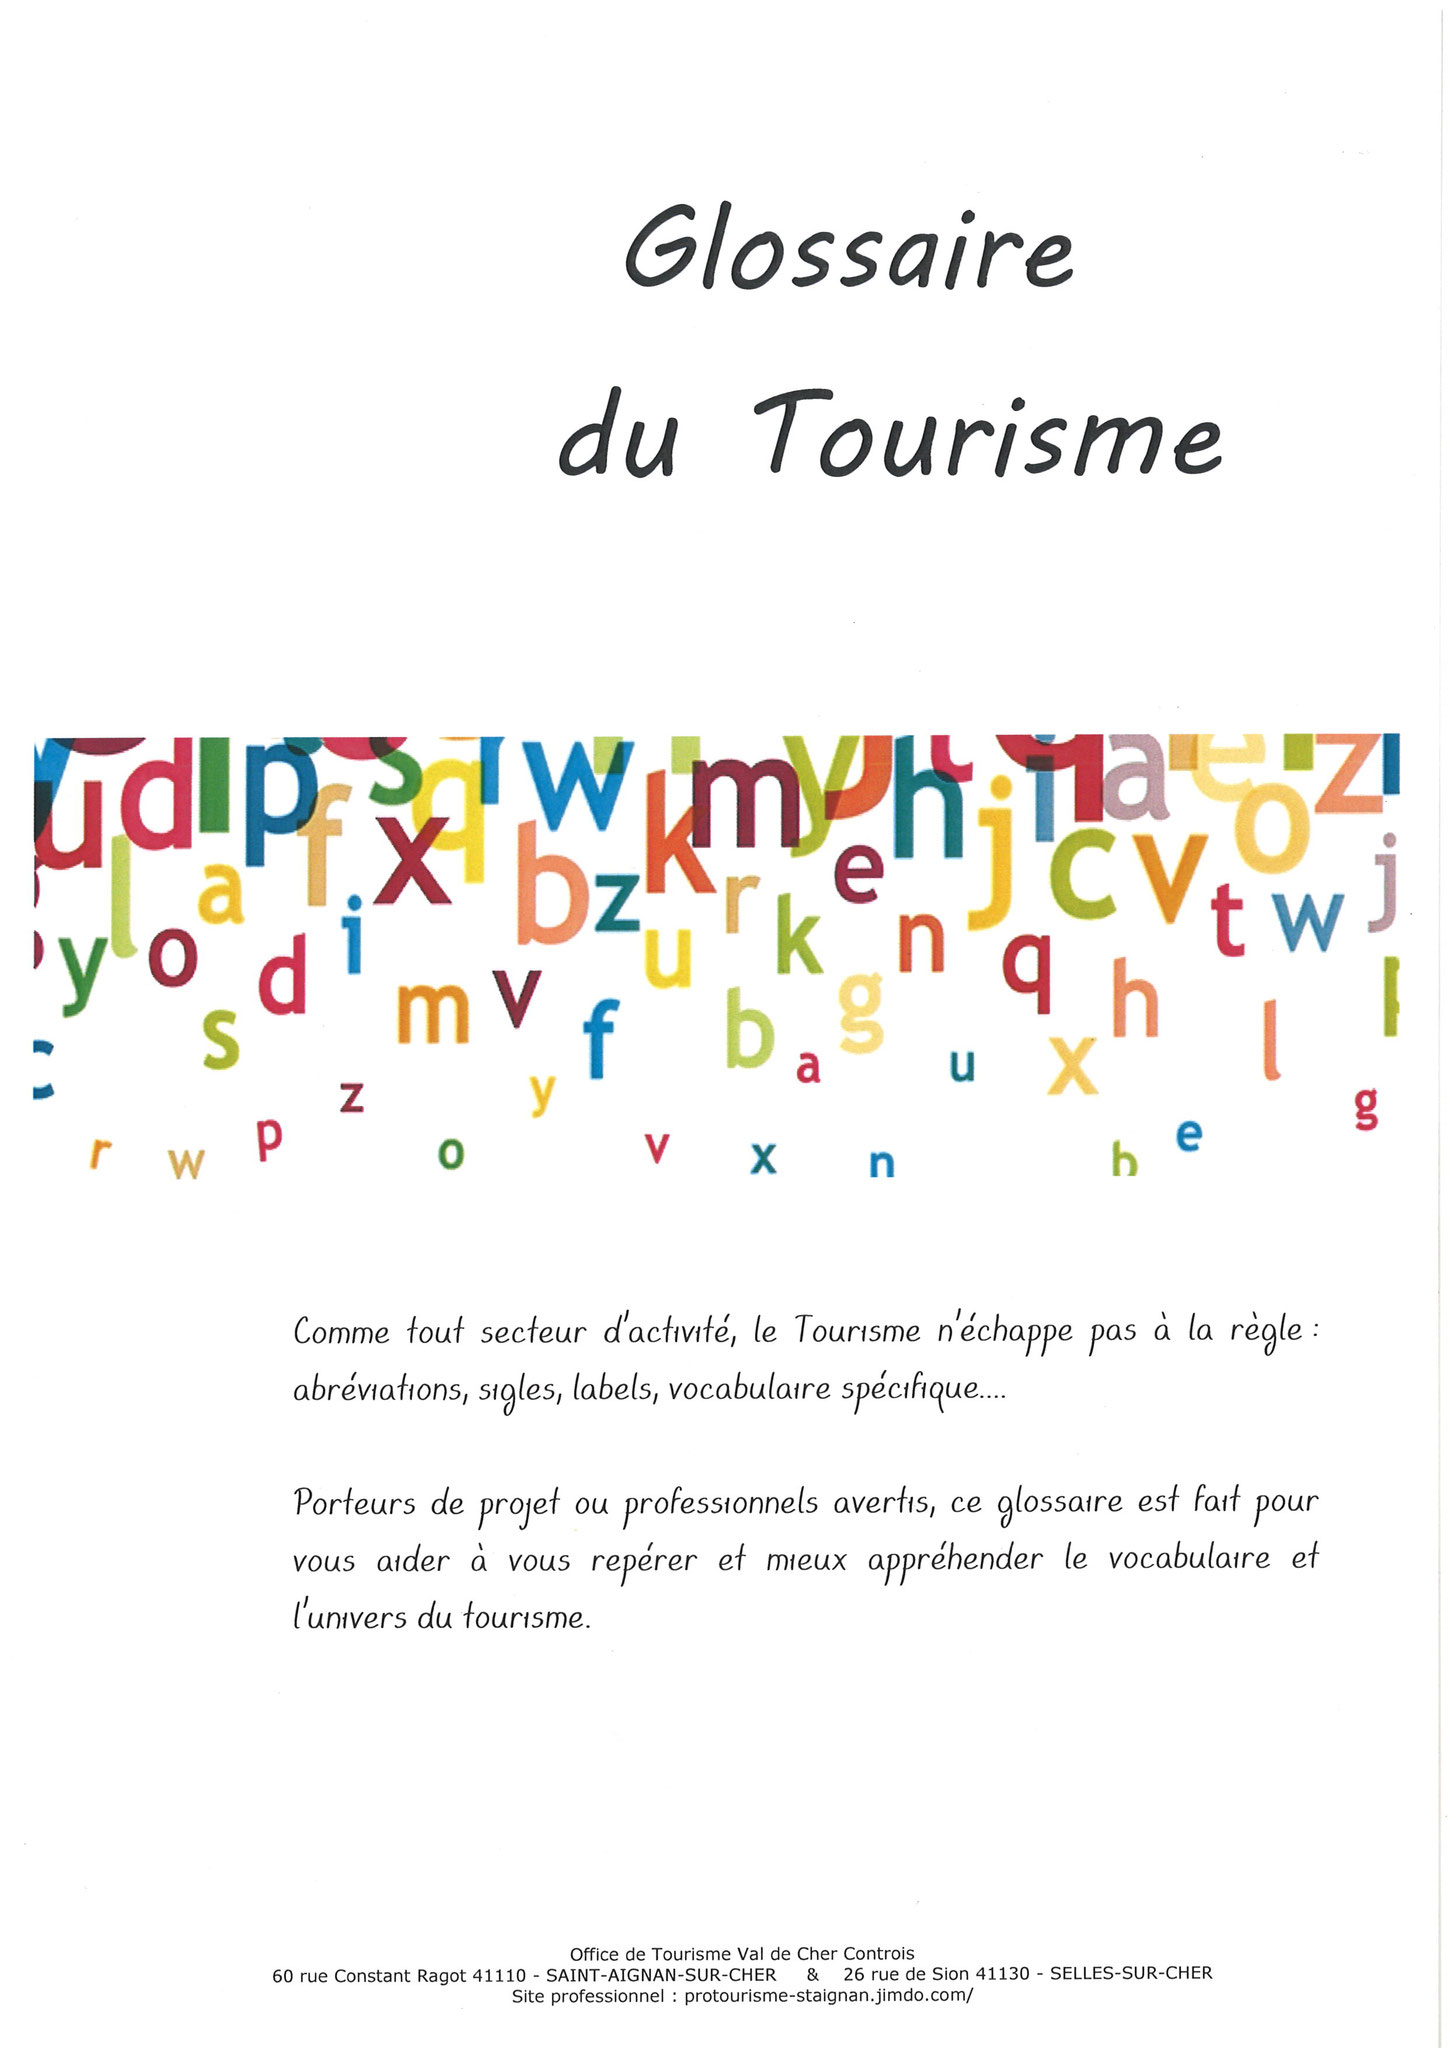 office de tourisme 41110